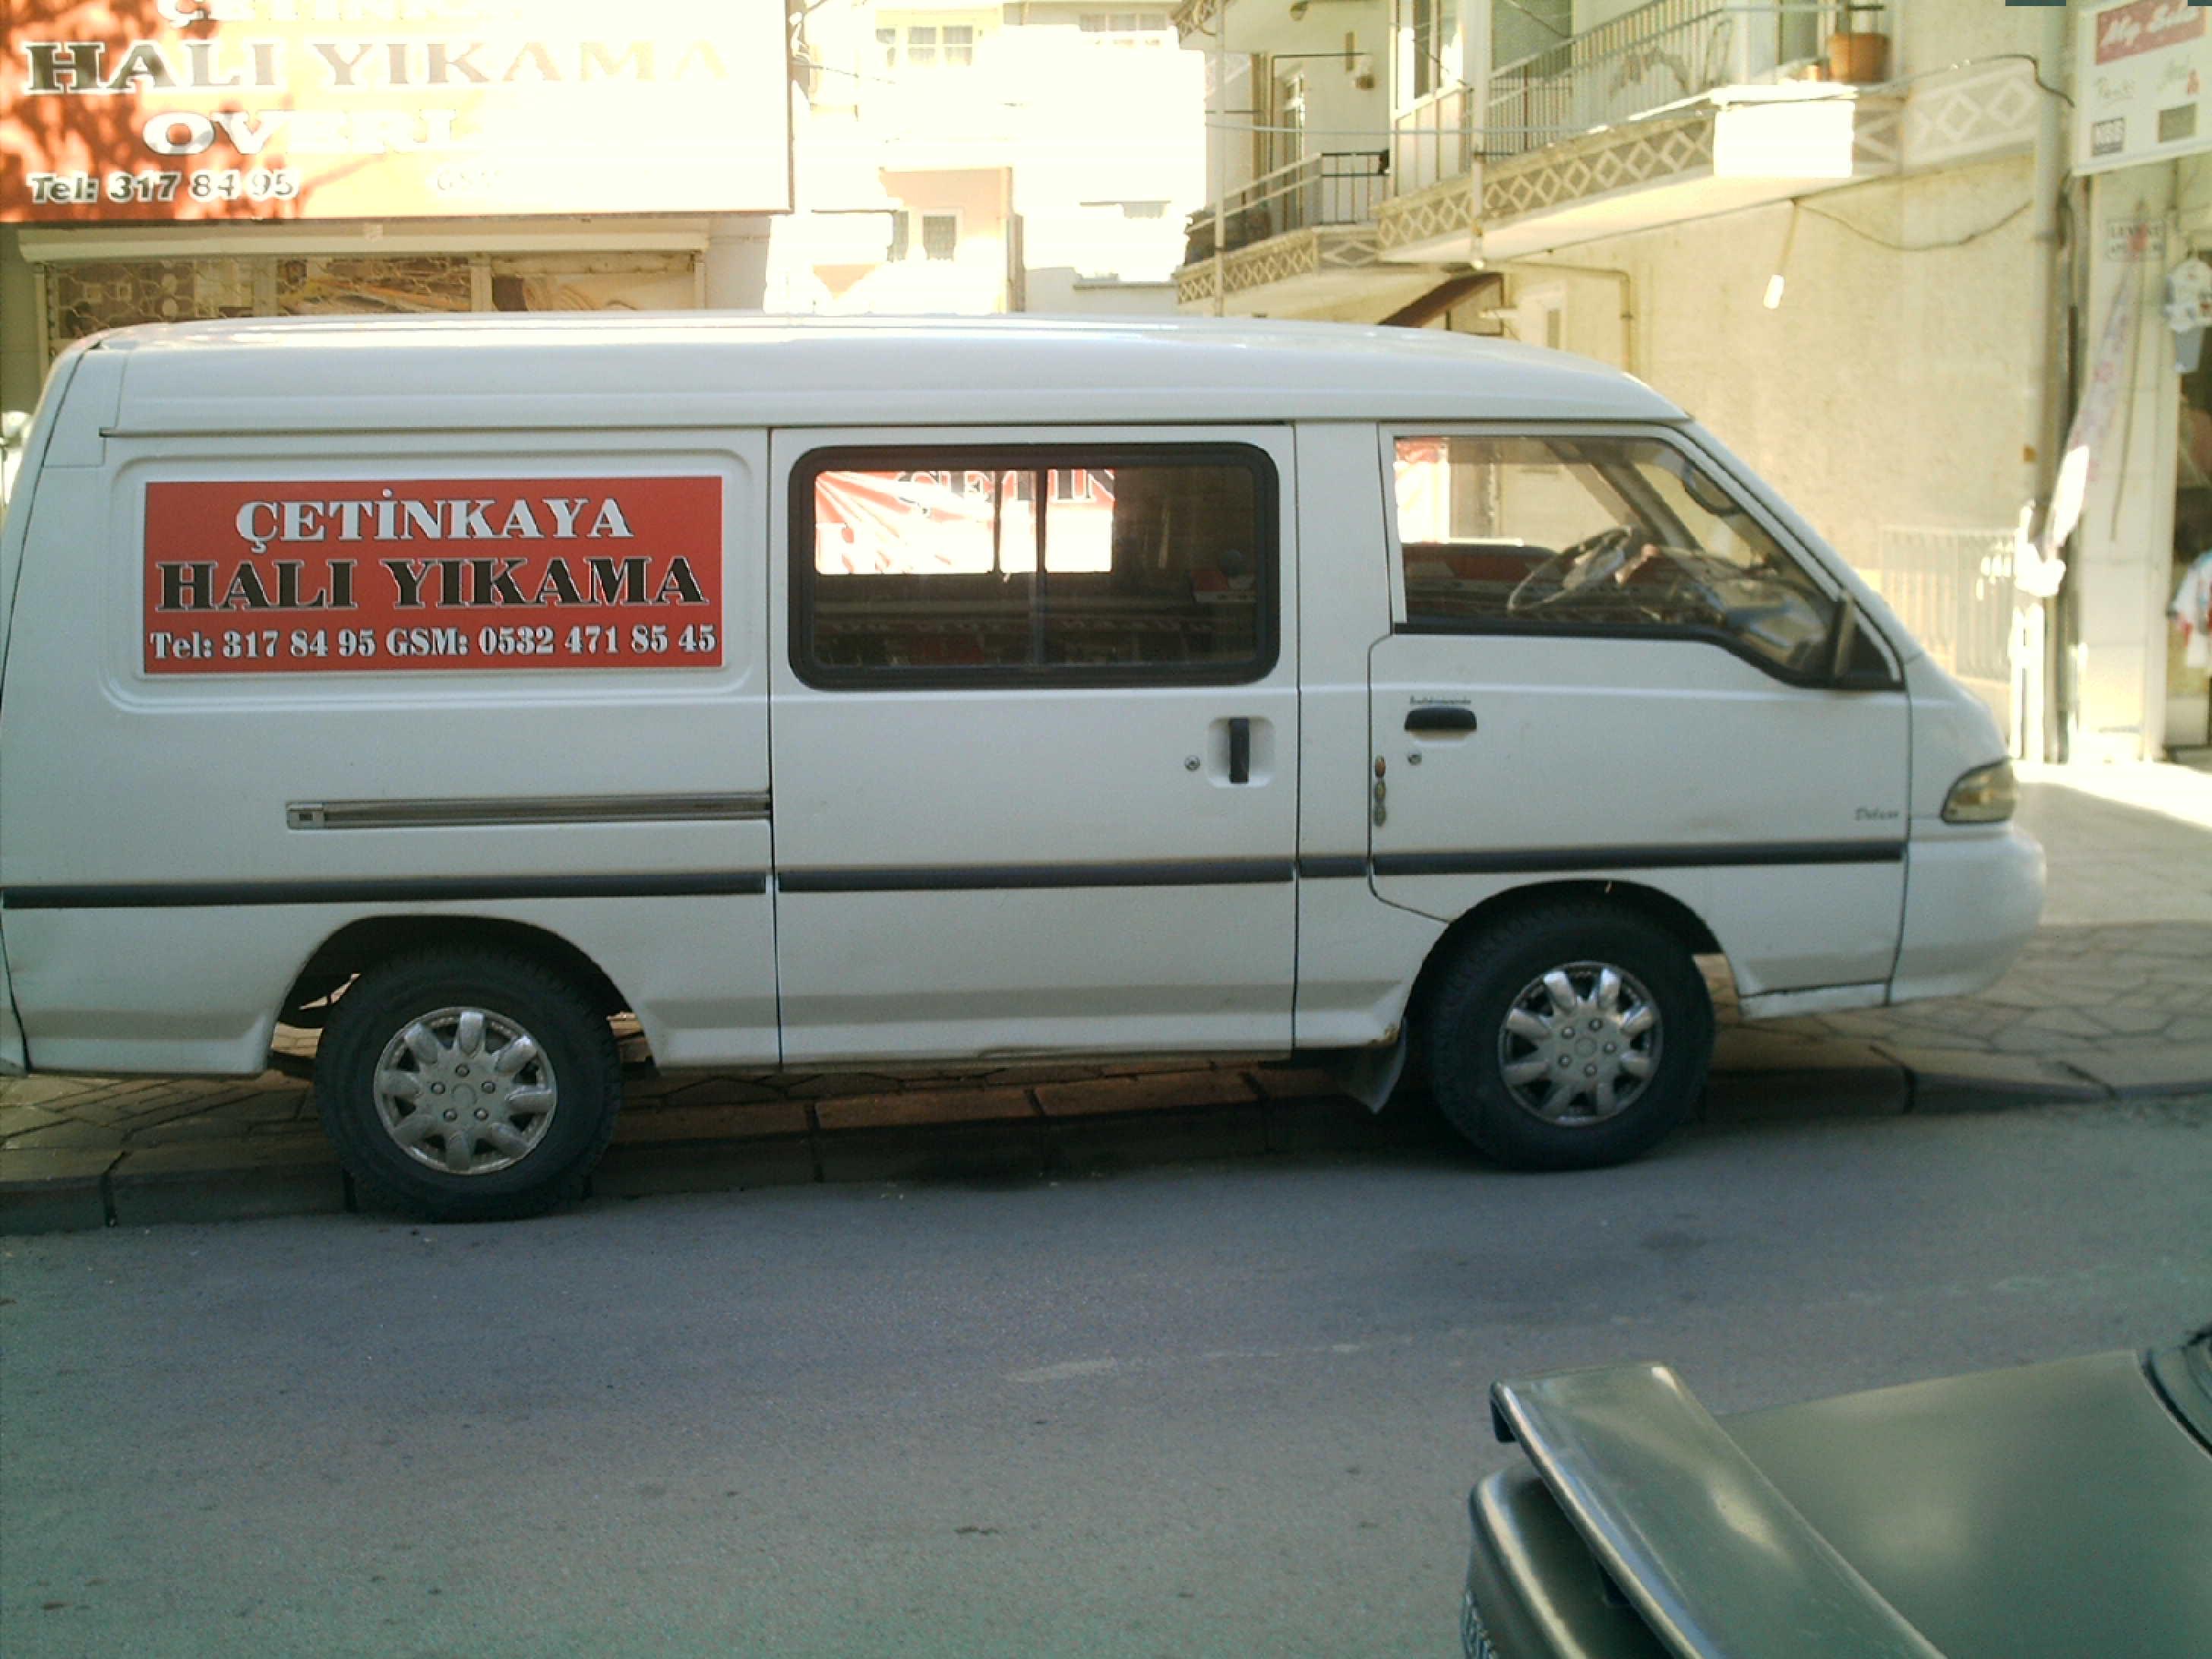 çiğdemtepe_hali_yikama_servis_araci